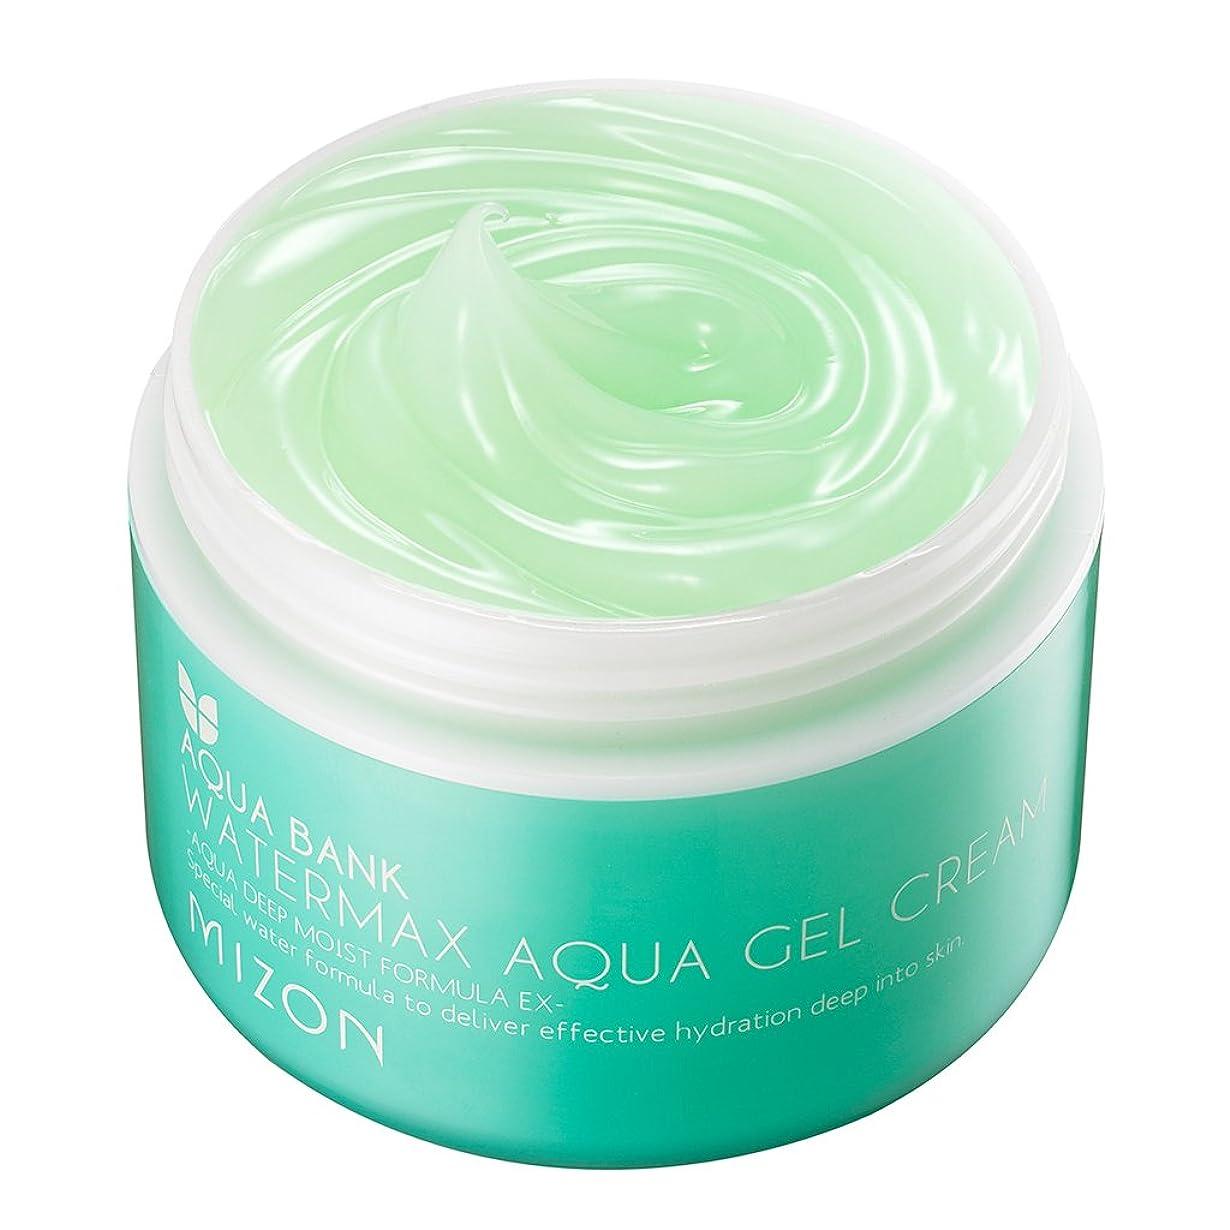 島ハードウェア対象MIZONミズオン Water Max Aqua Gel Cream 125ml アクアジェルクリーム [韓国直送品]